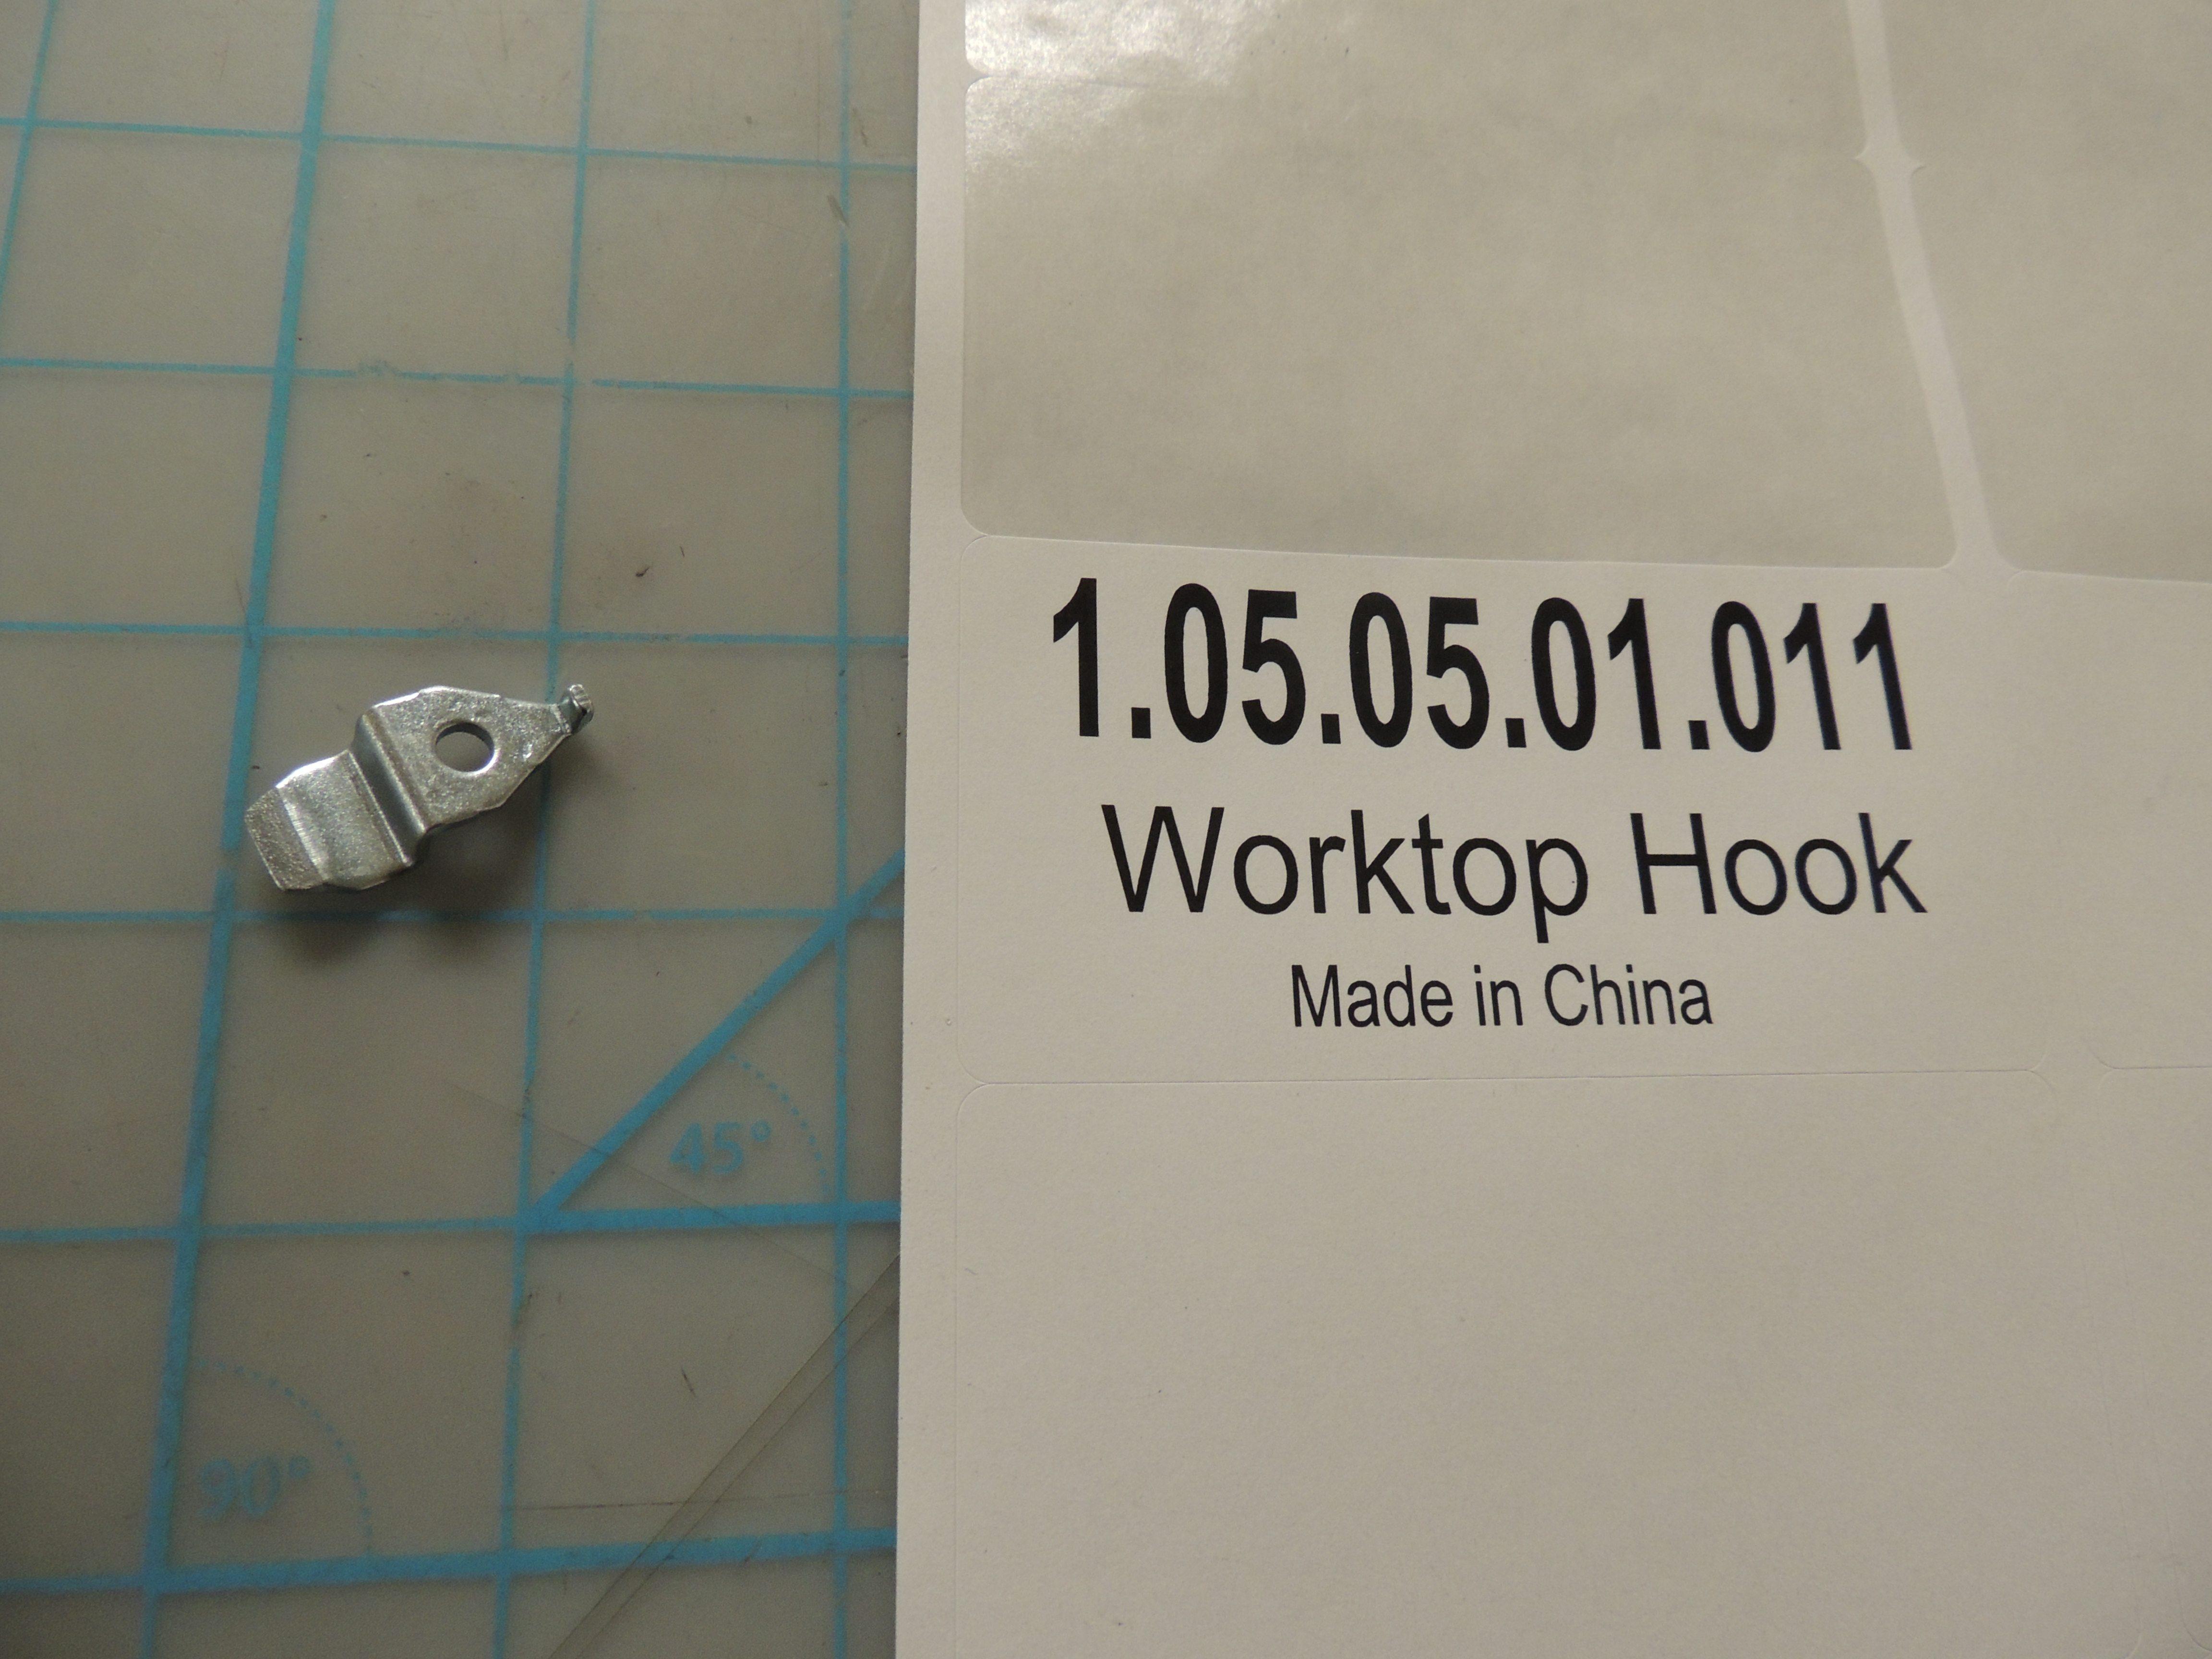 Worktop Hook